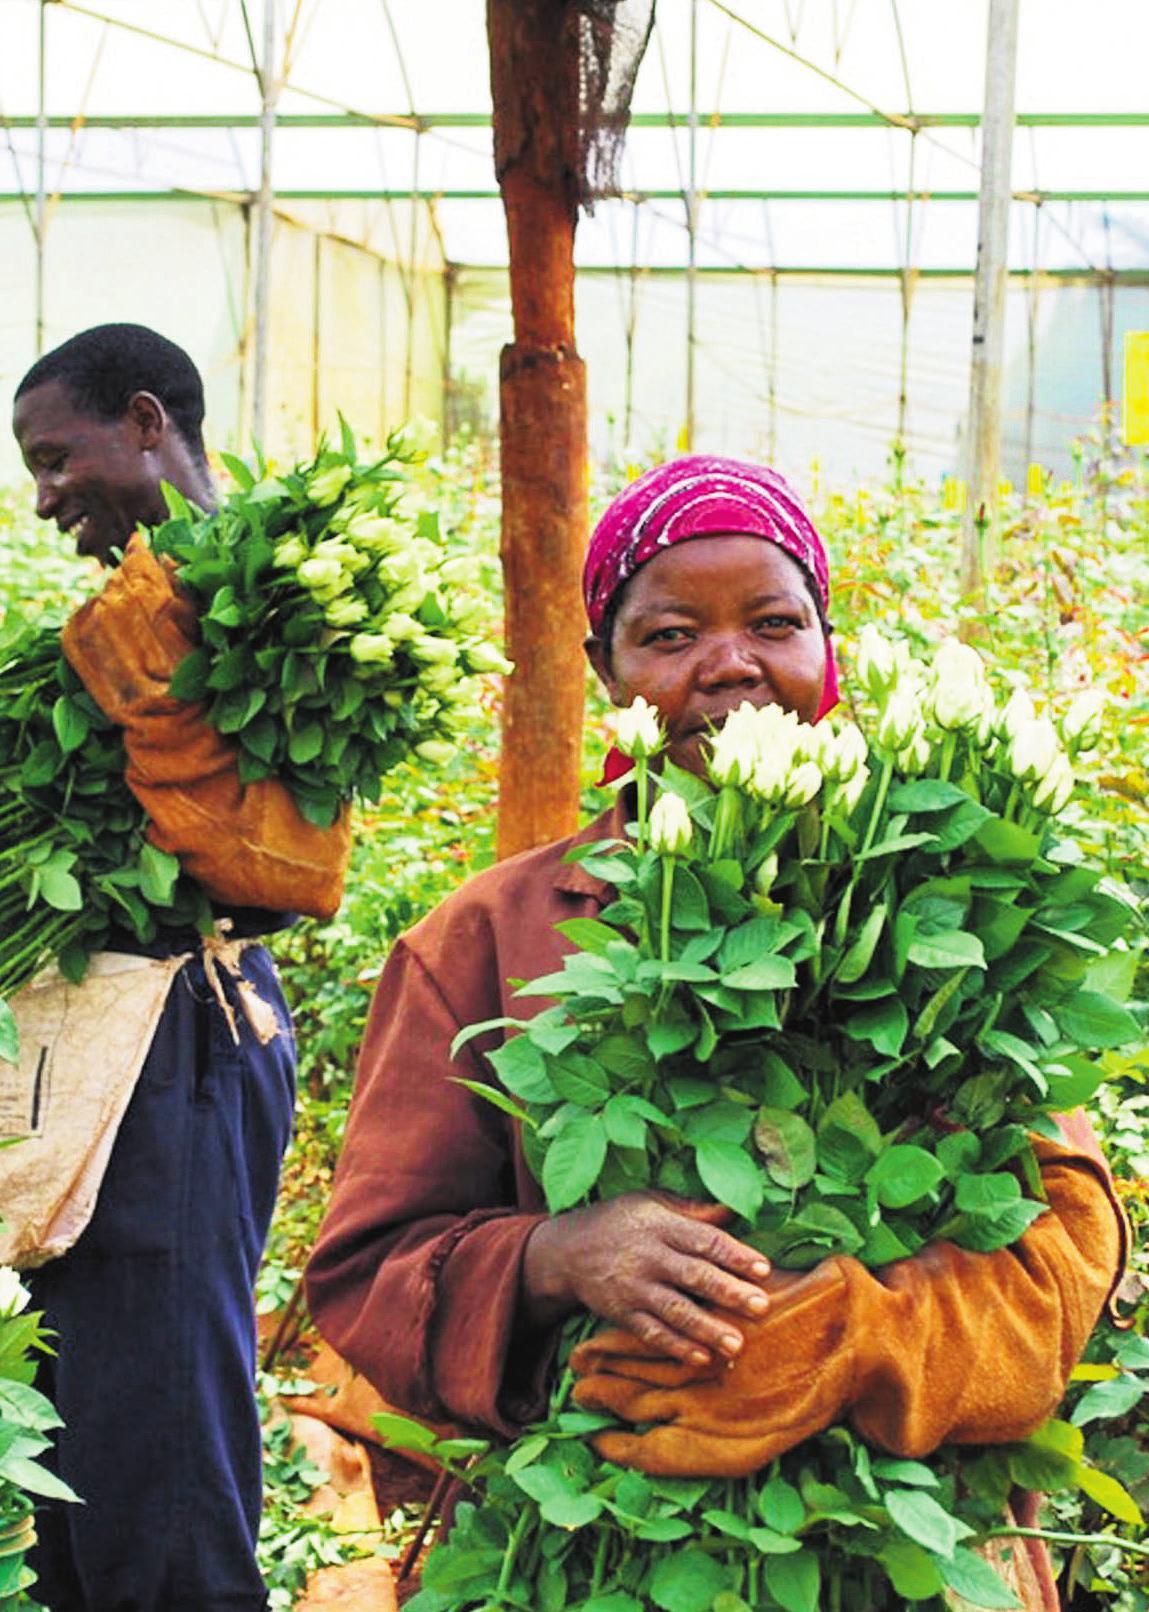 Mitarbeiter und Mitarbeiterinnen der Blumenfarm Simbi Roses in Kenia. Die Energieversorgung erfolgt über eine moderne Solaranlage. © djd/ecoligo.investments